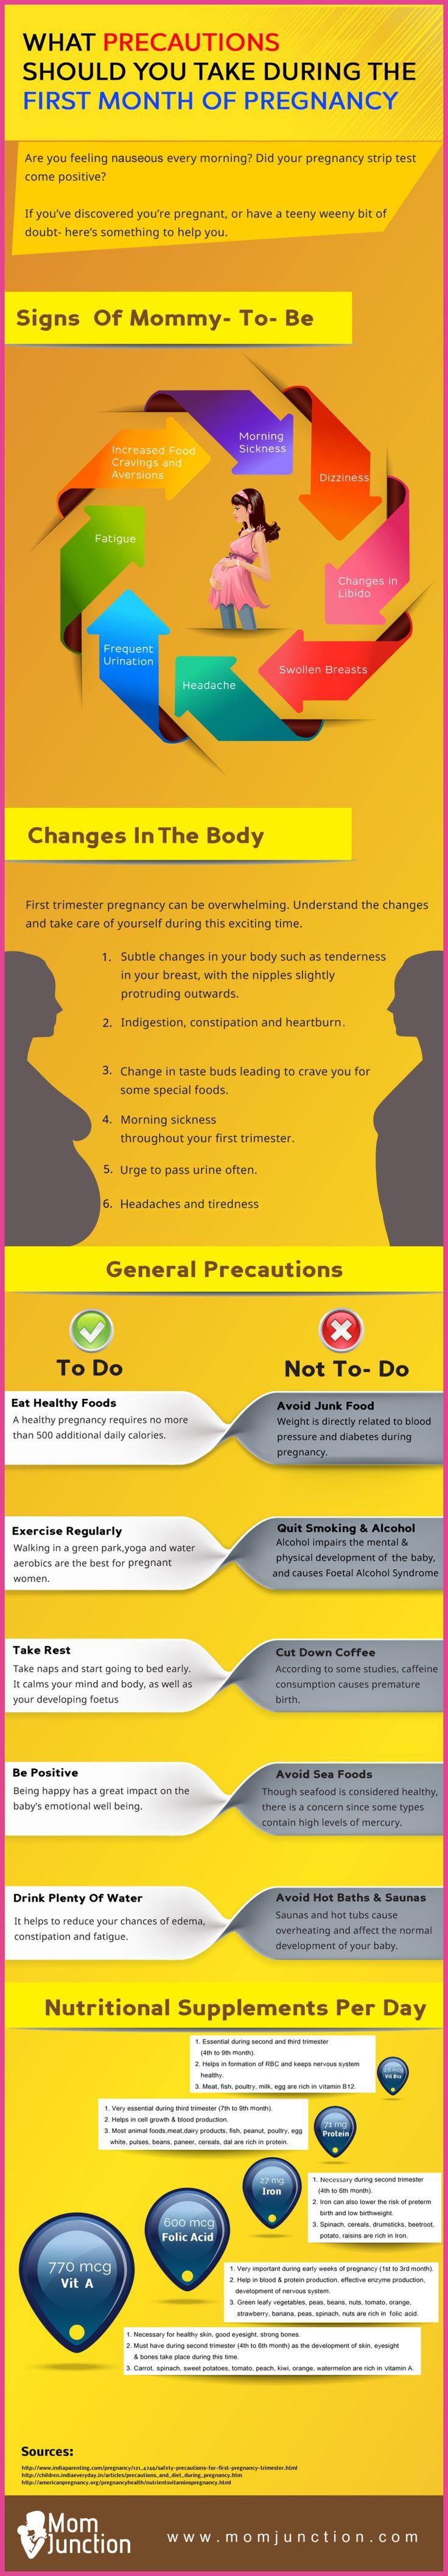 how to know pregnancy symptoms